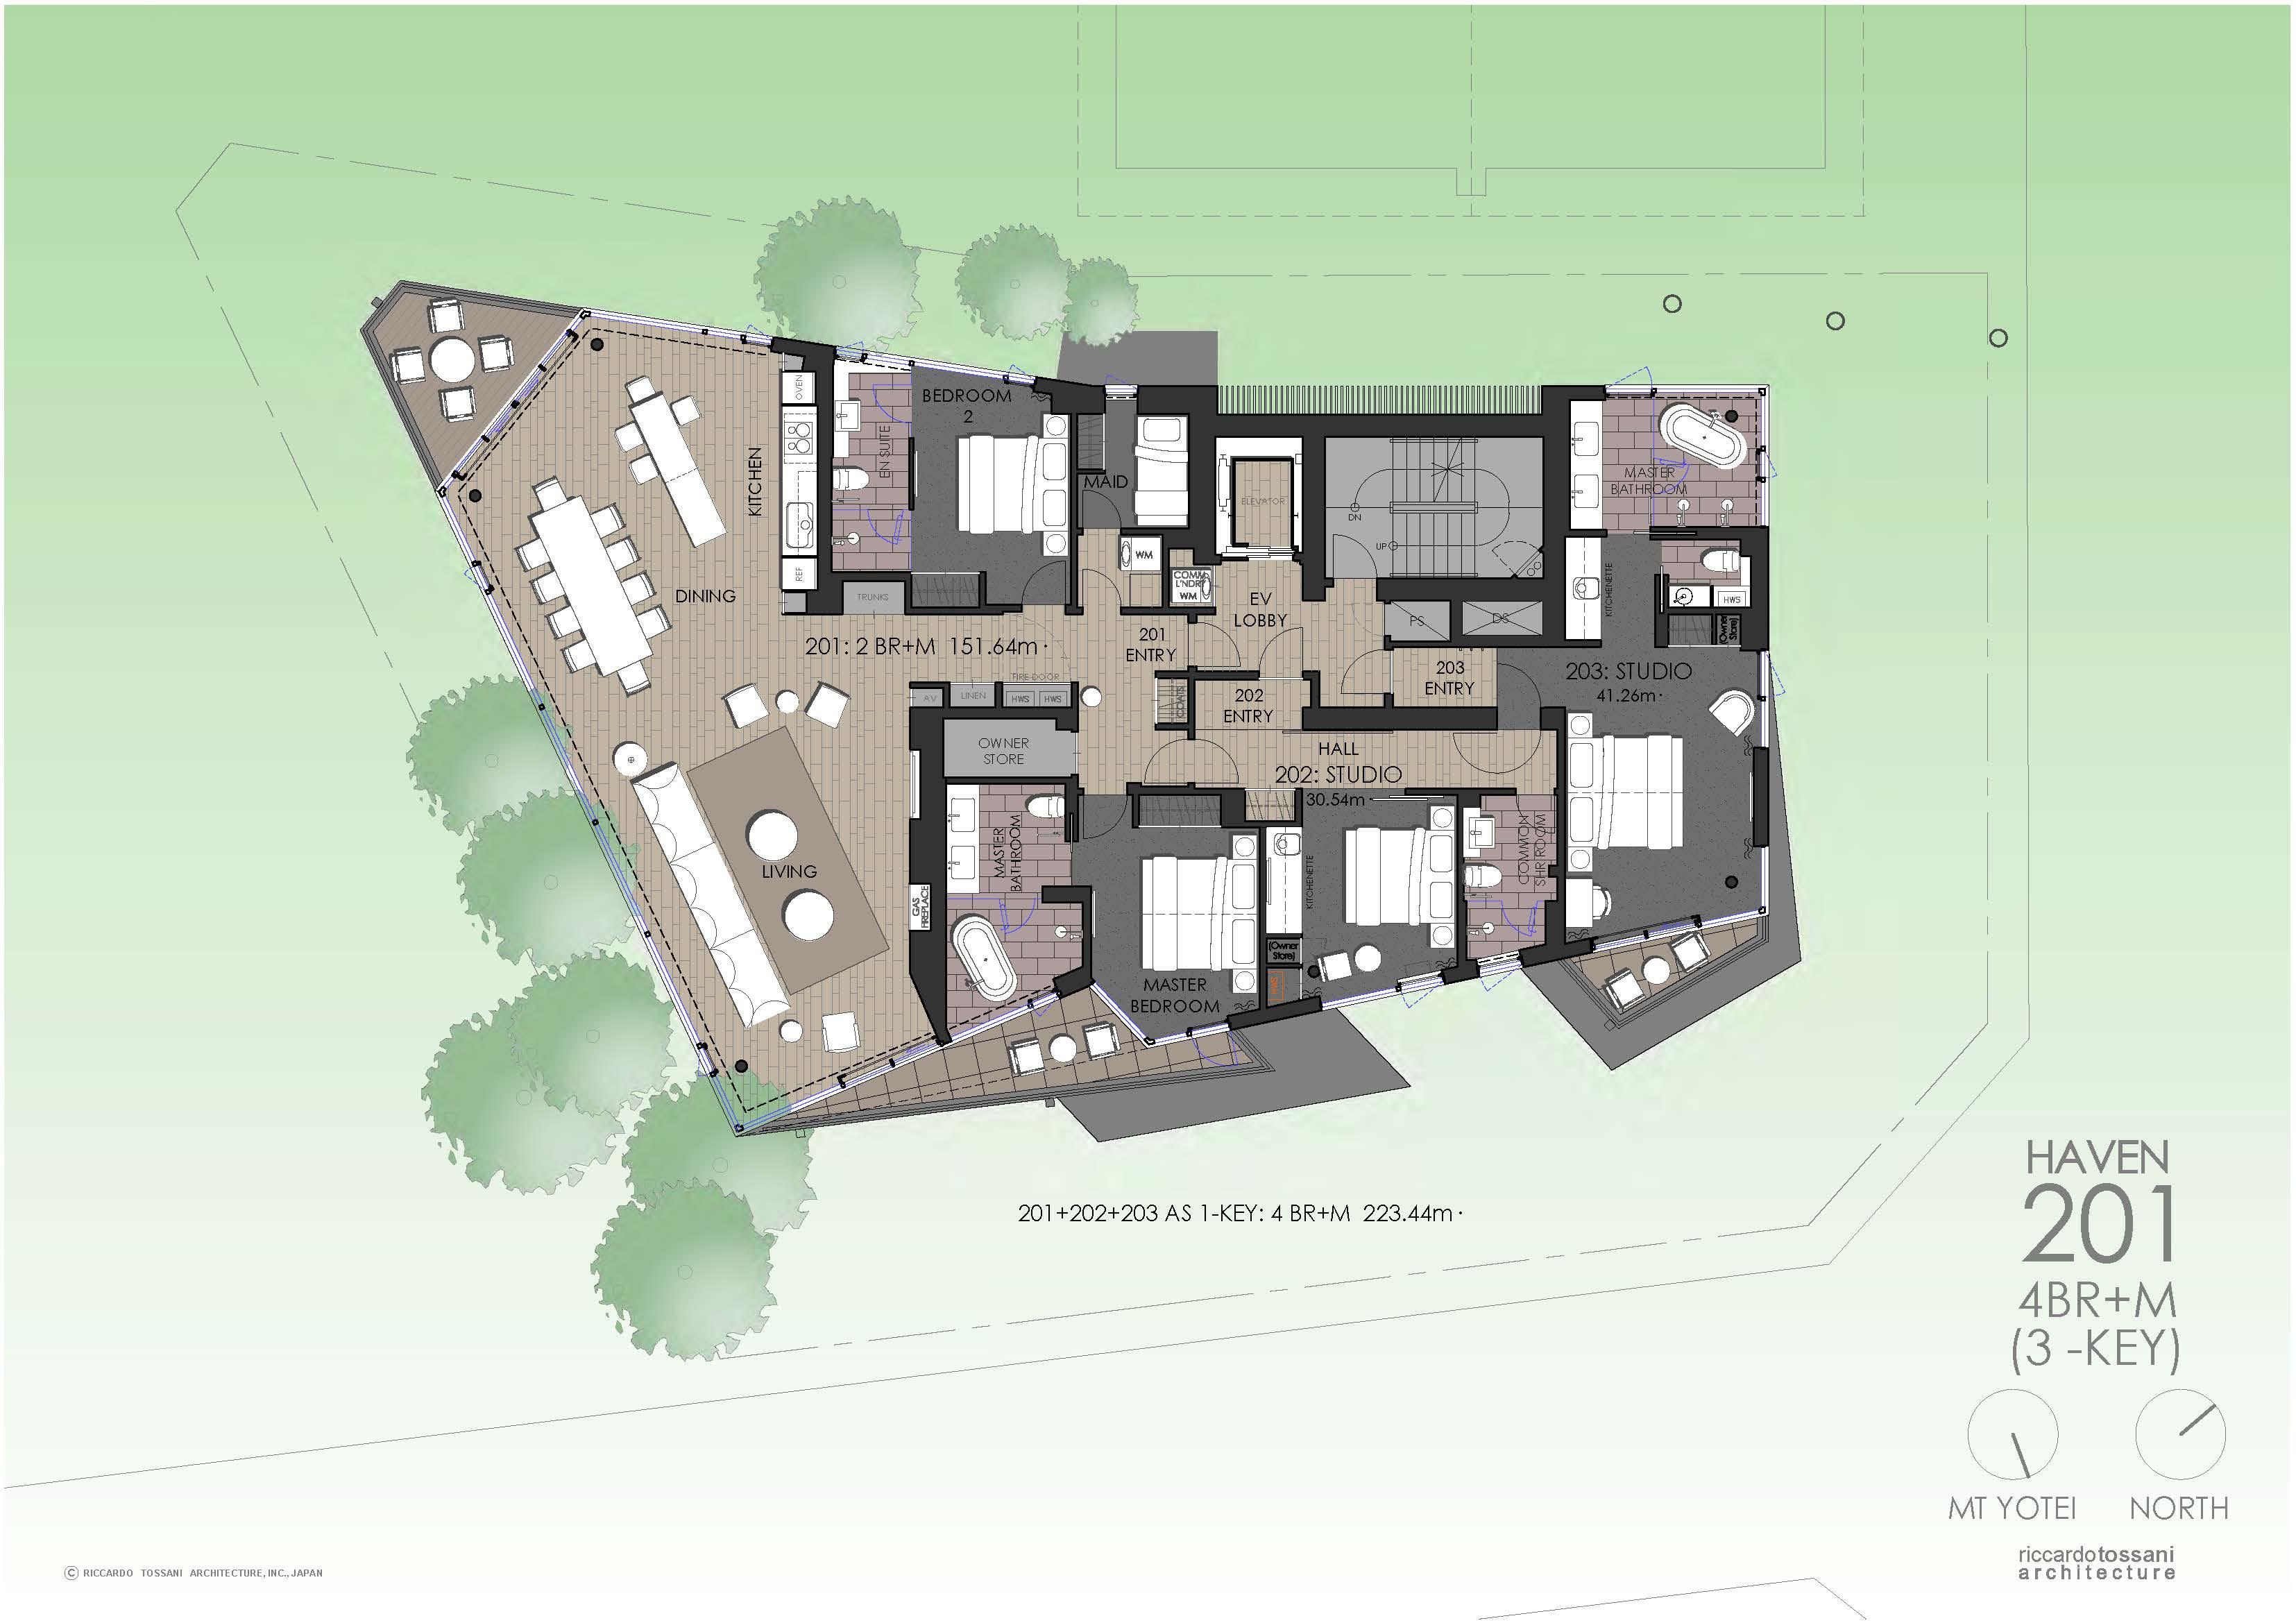 Floor Plans For Townhouses Niseko Haven 201 Floor Plan Niseko Realty Real Estate